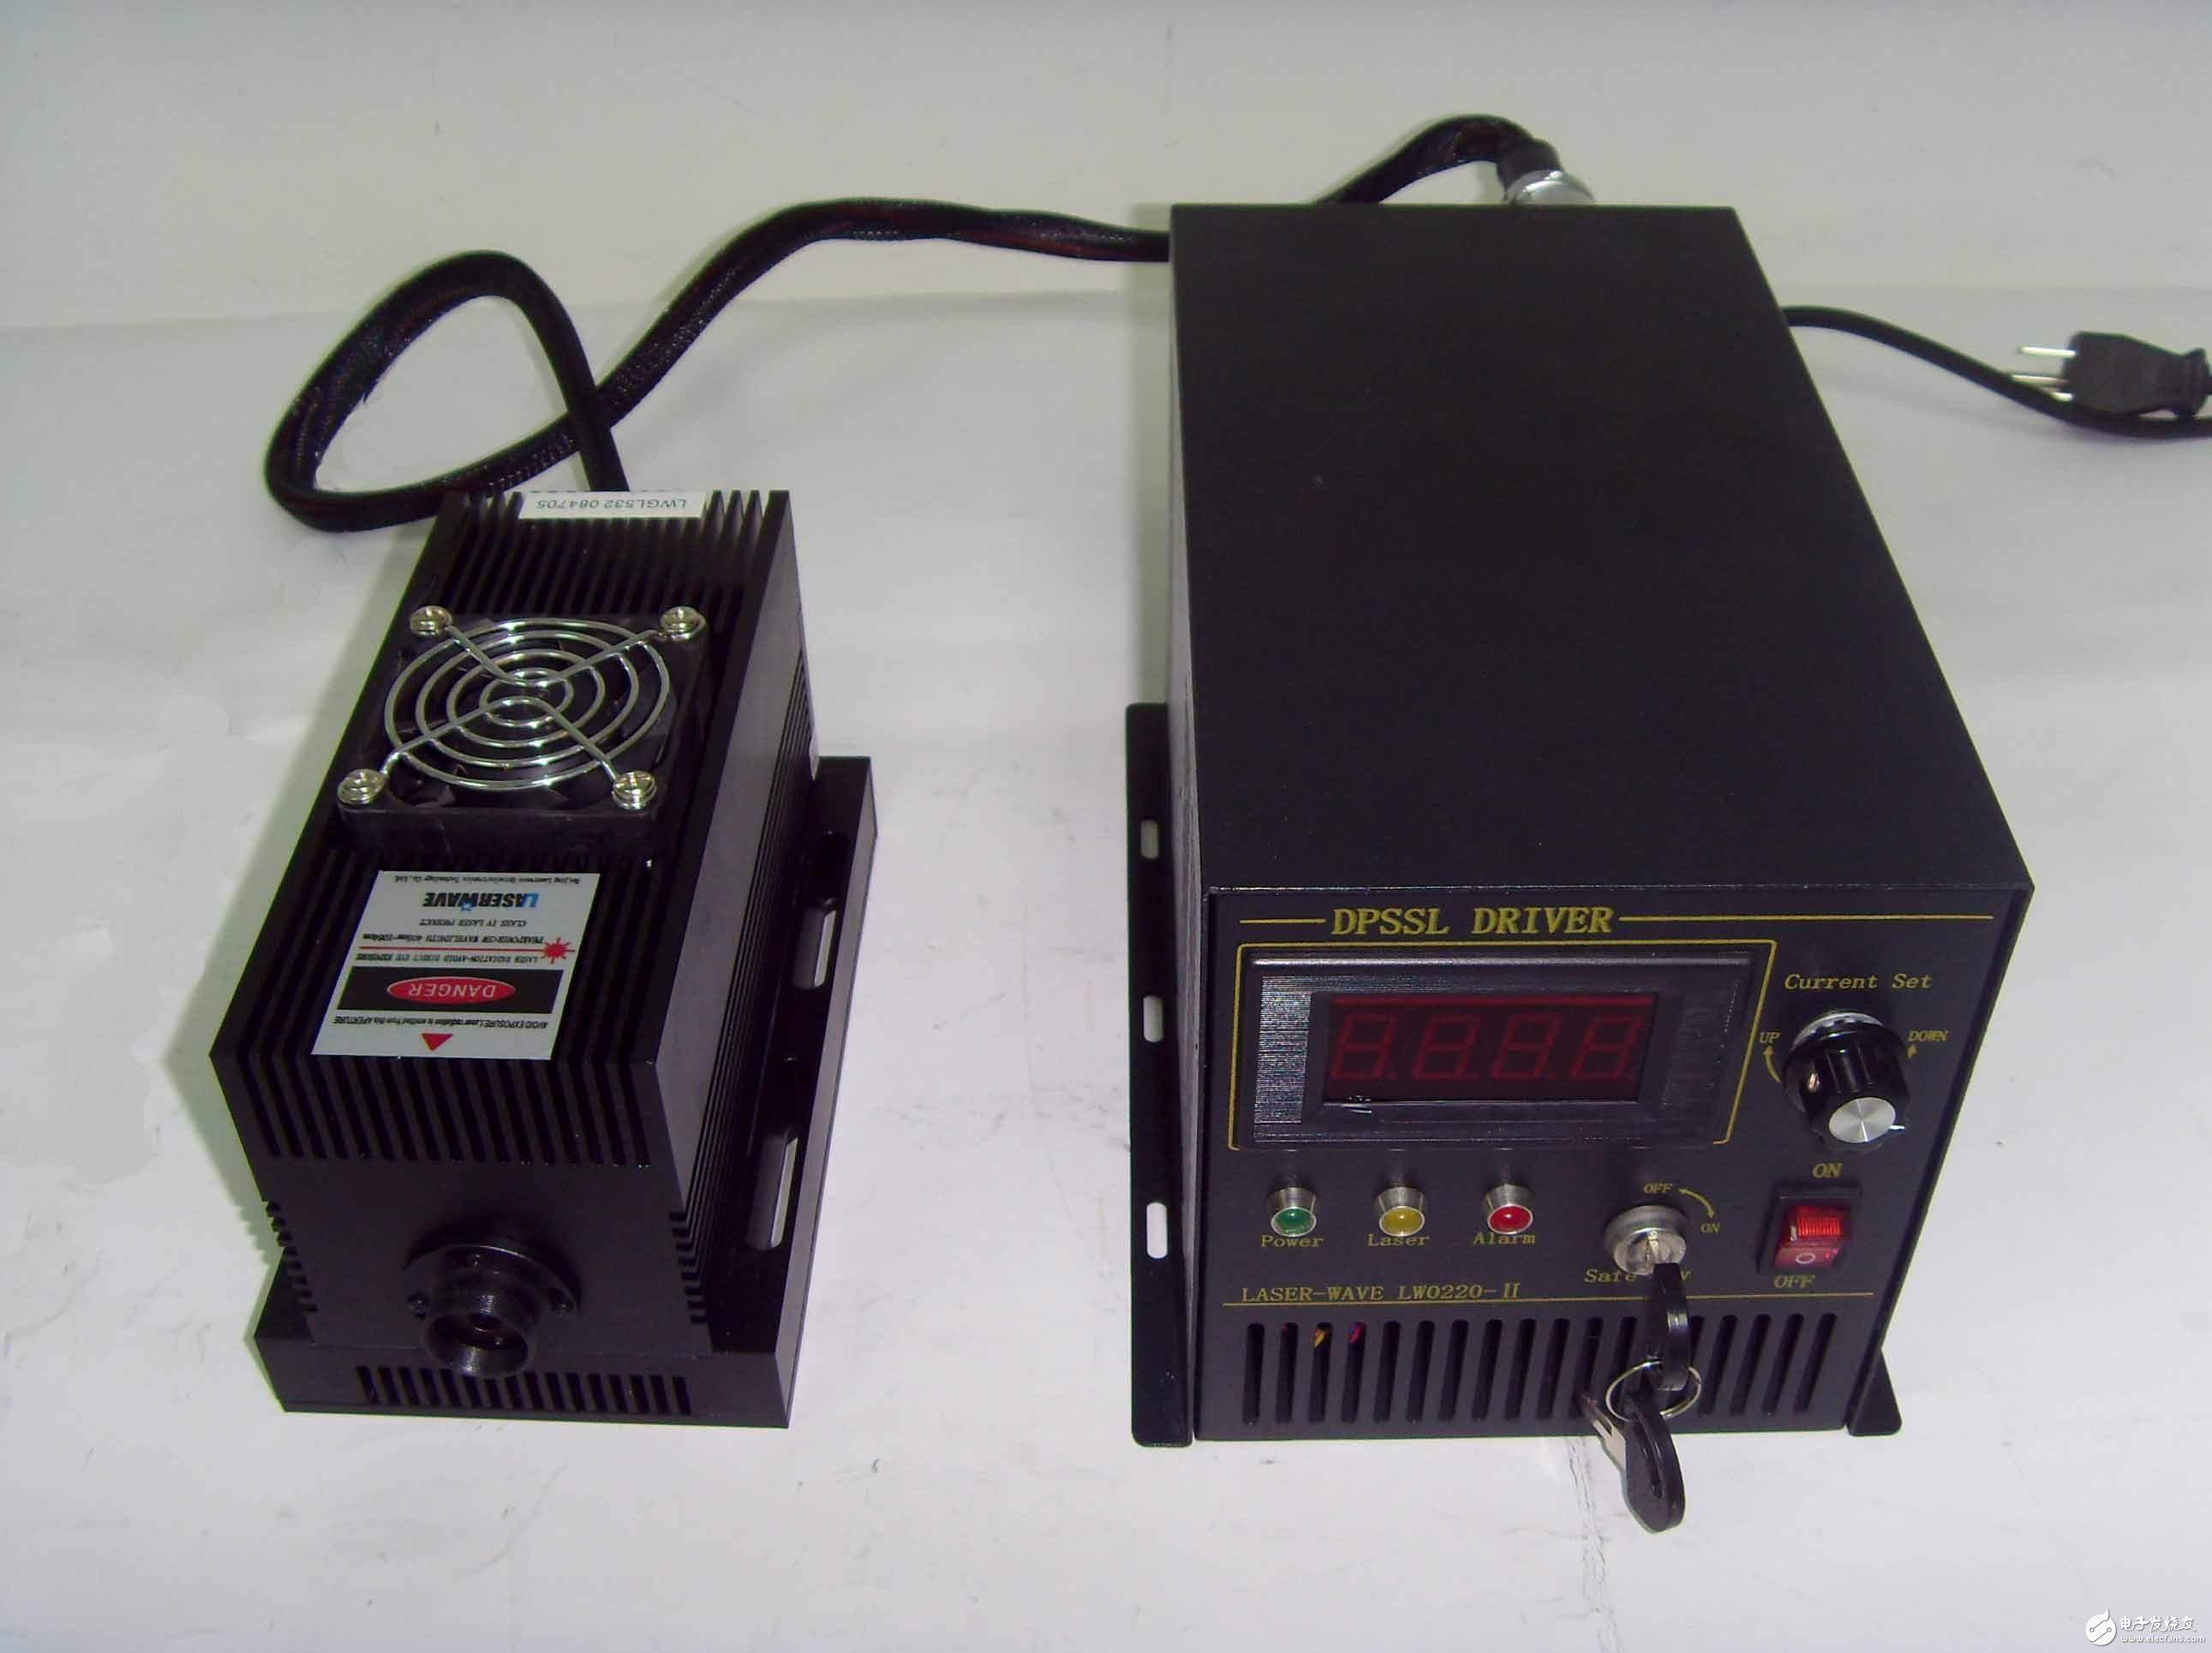 量子阱激光器取得重要进展,可用于天基卫星载激光雷达